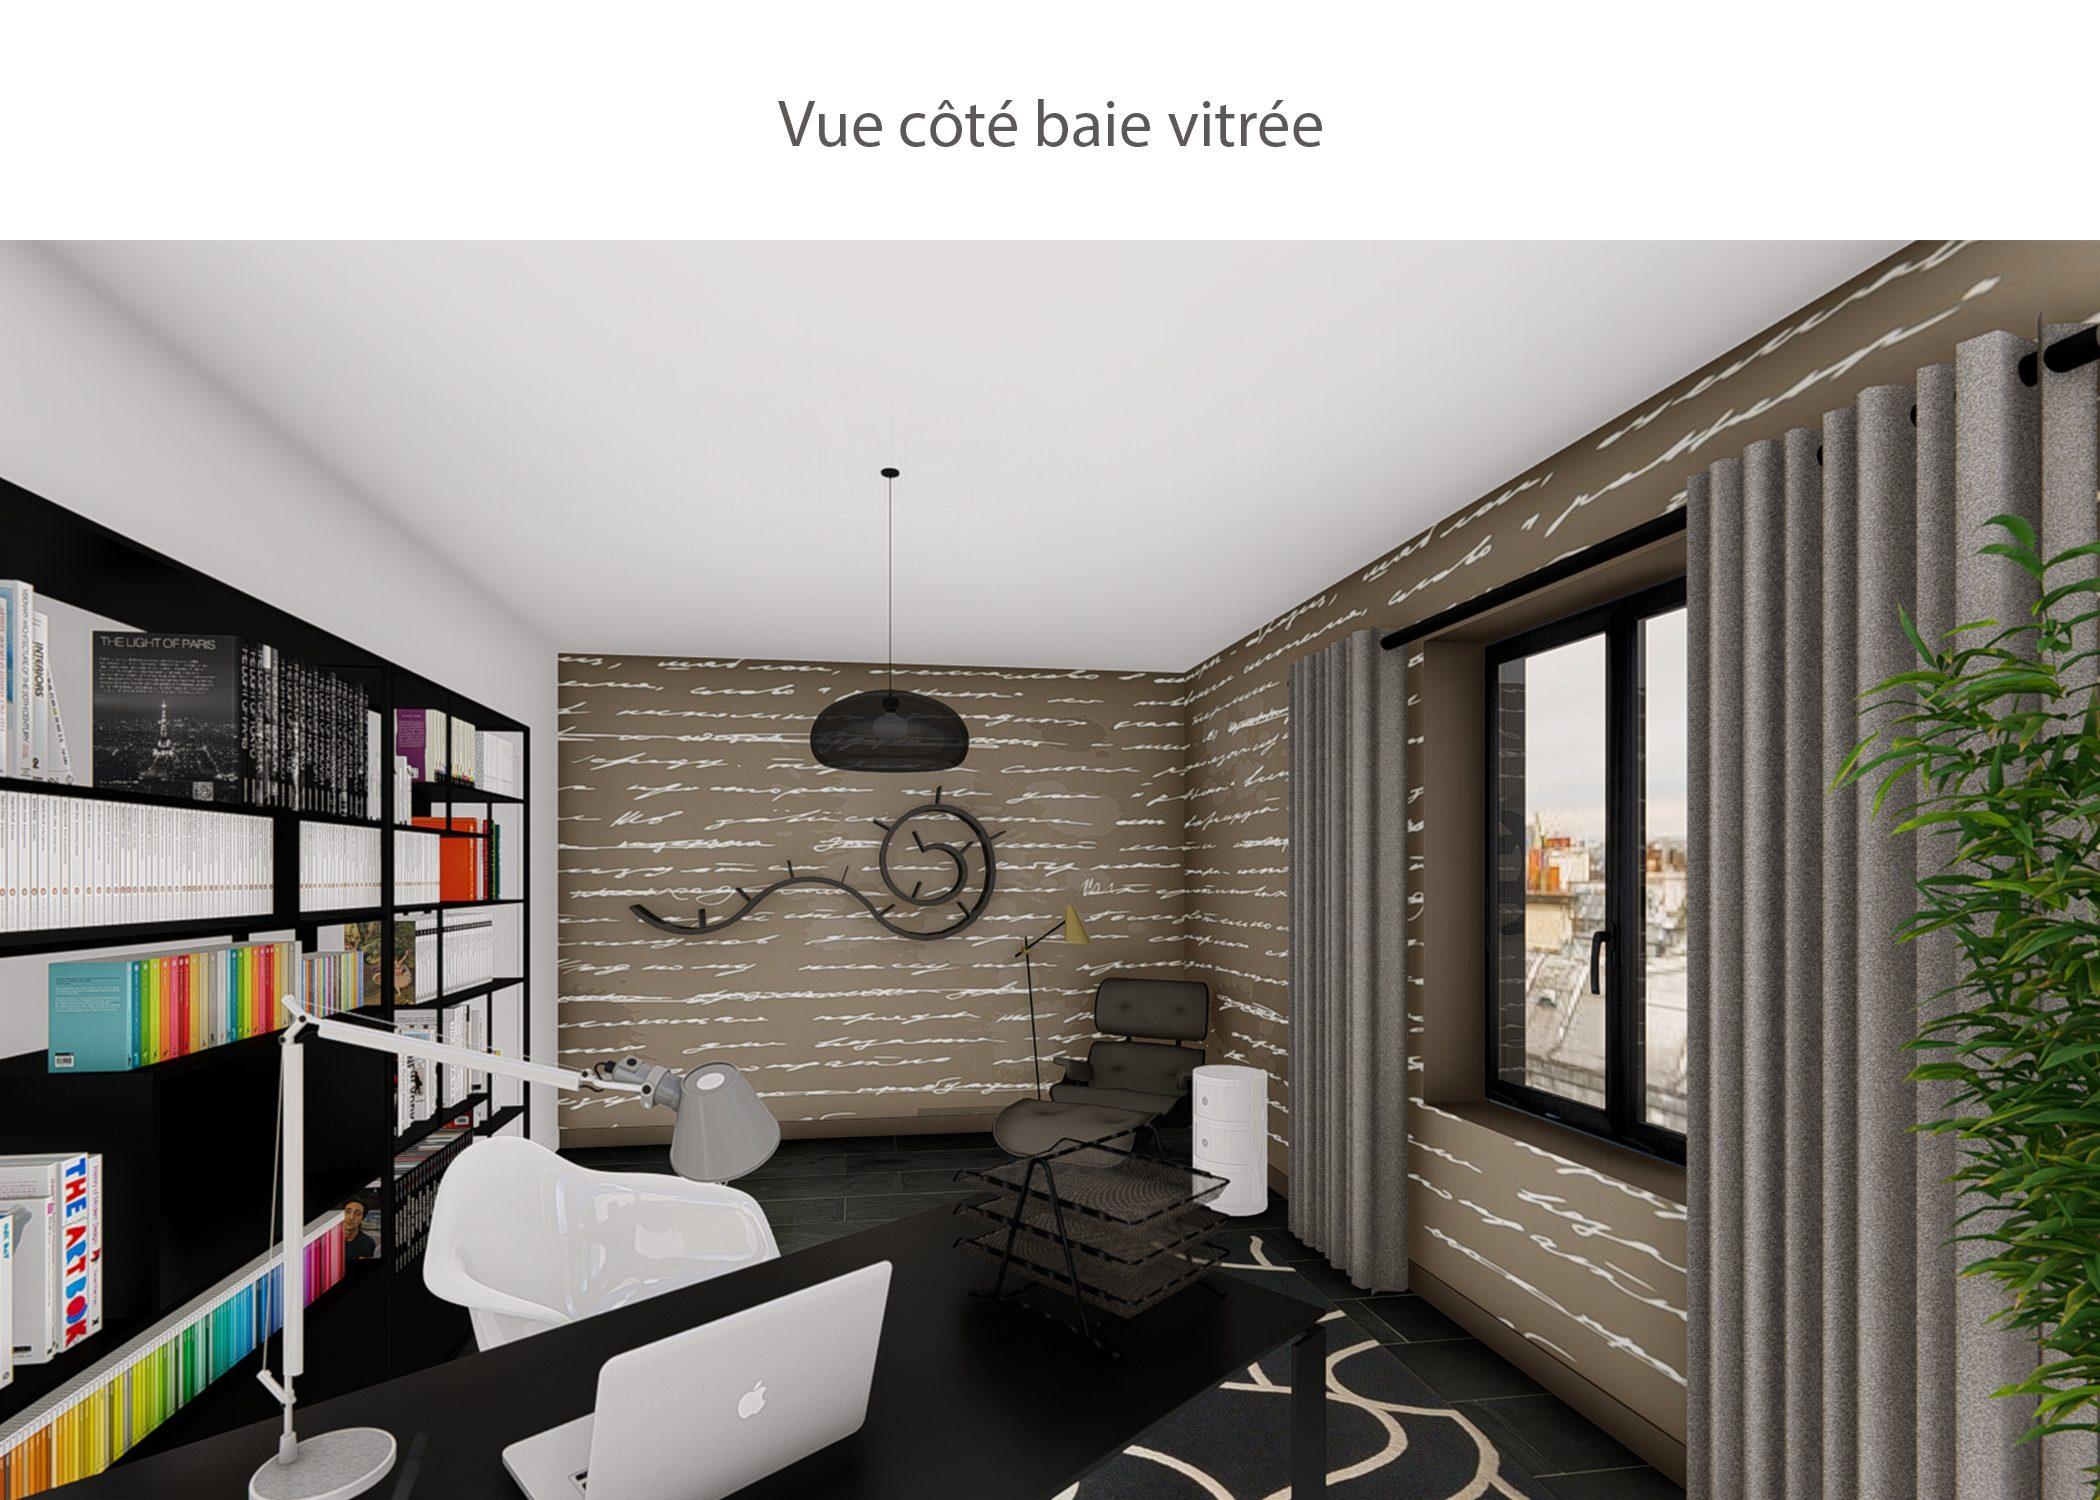 decoration-espace bureau-vue cote baie vitree-paris-dekho design